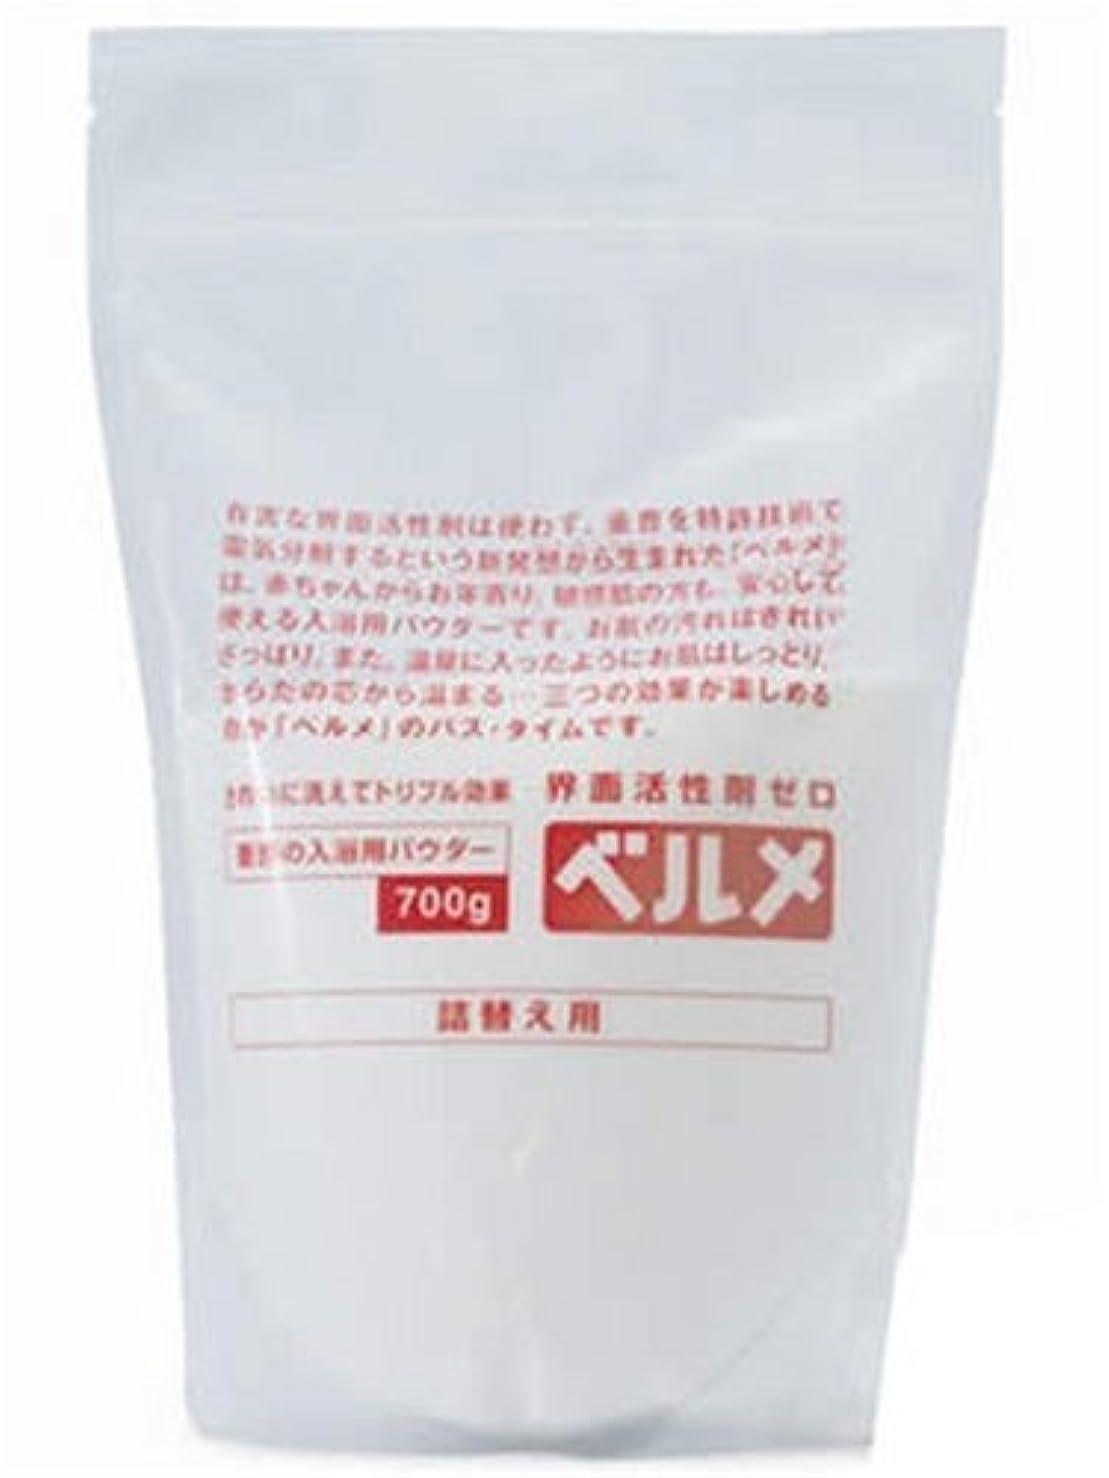 巻き戻すプロフィールギャロップベルメ 重曹入浴用パウダー(界面活性剤ゼロ) 700g